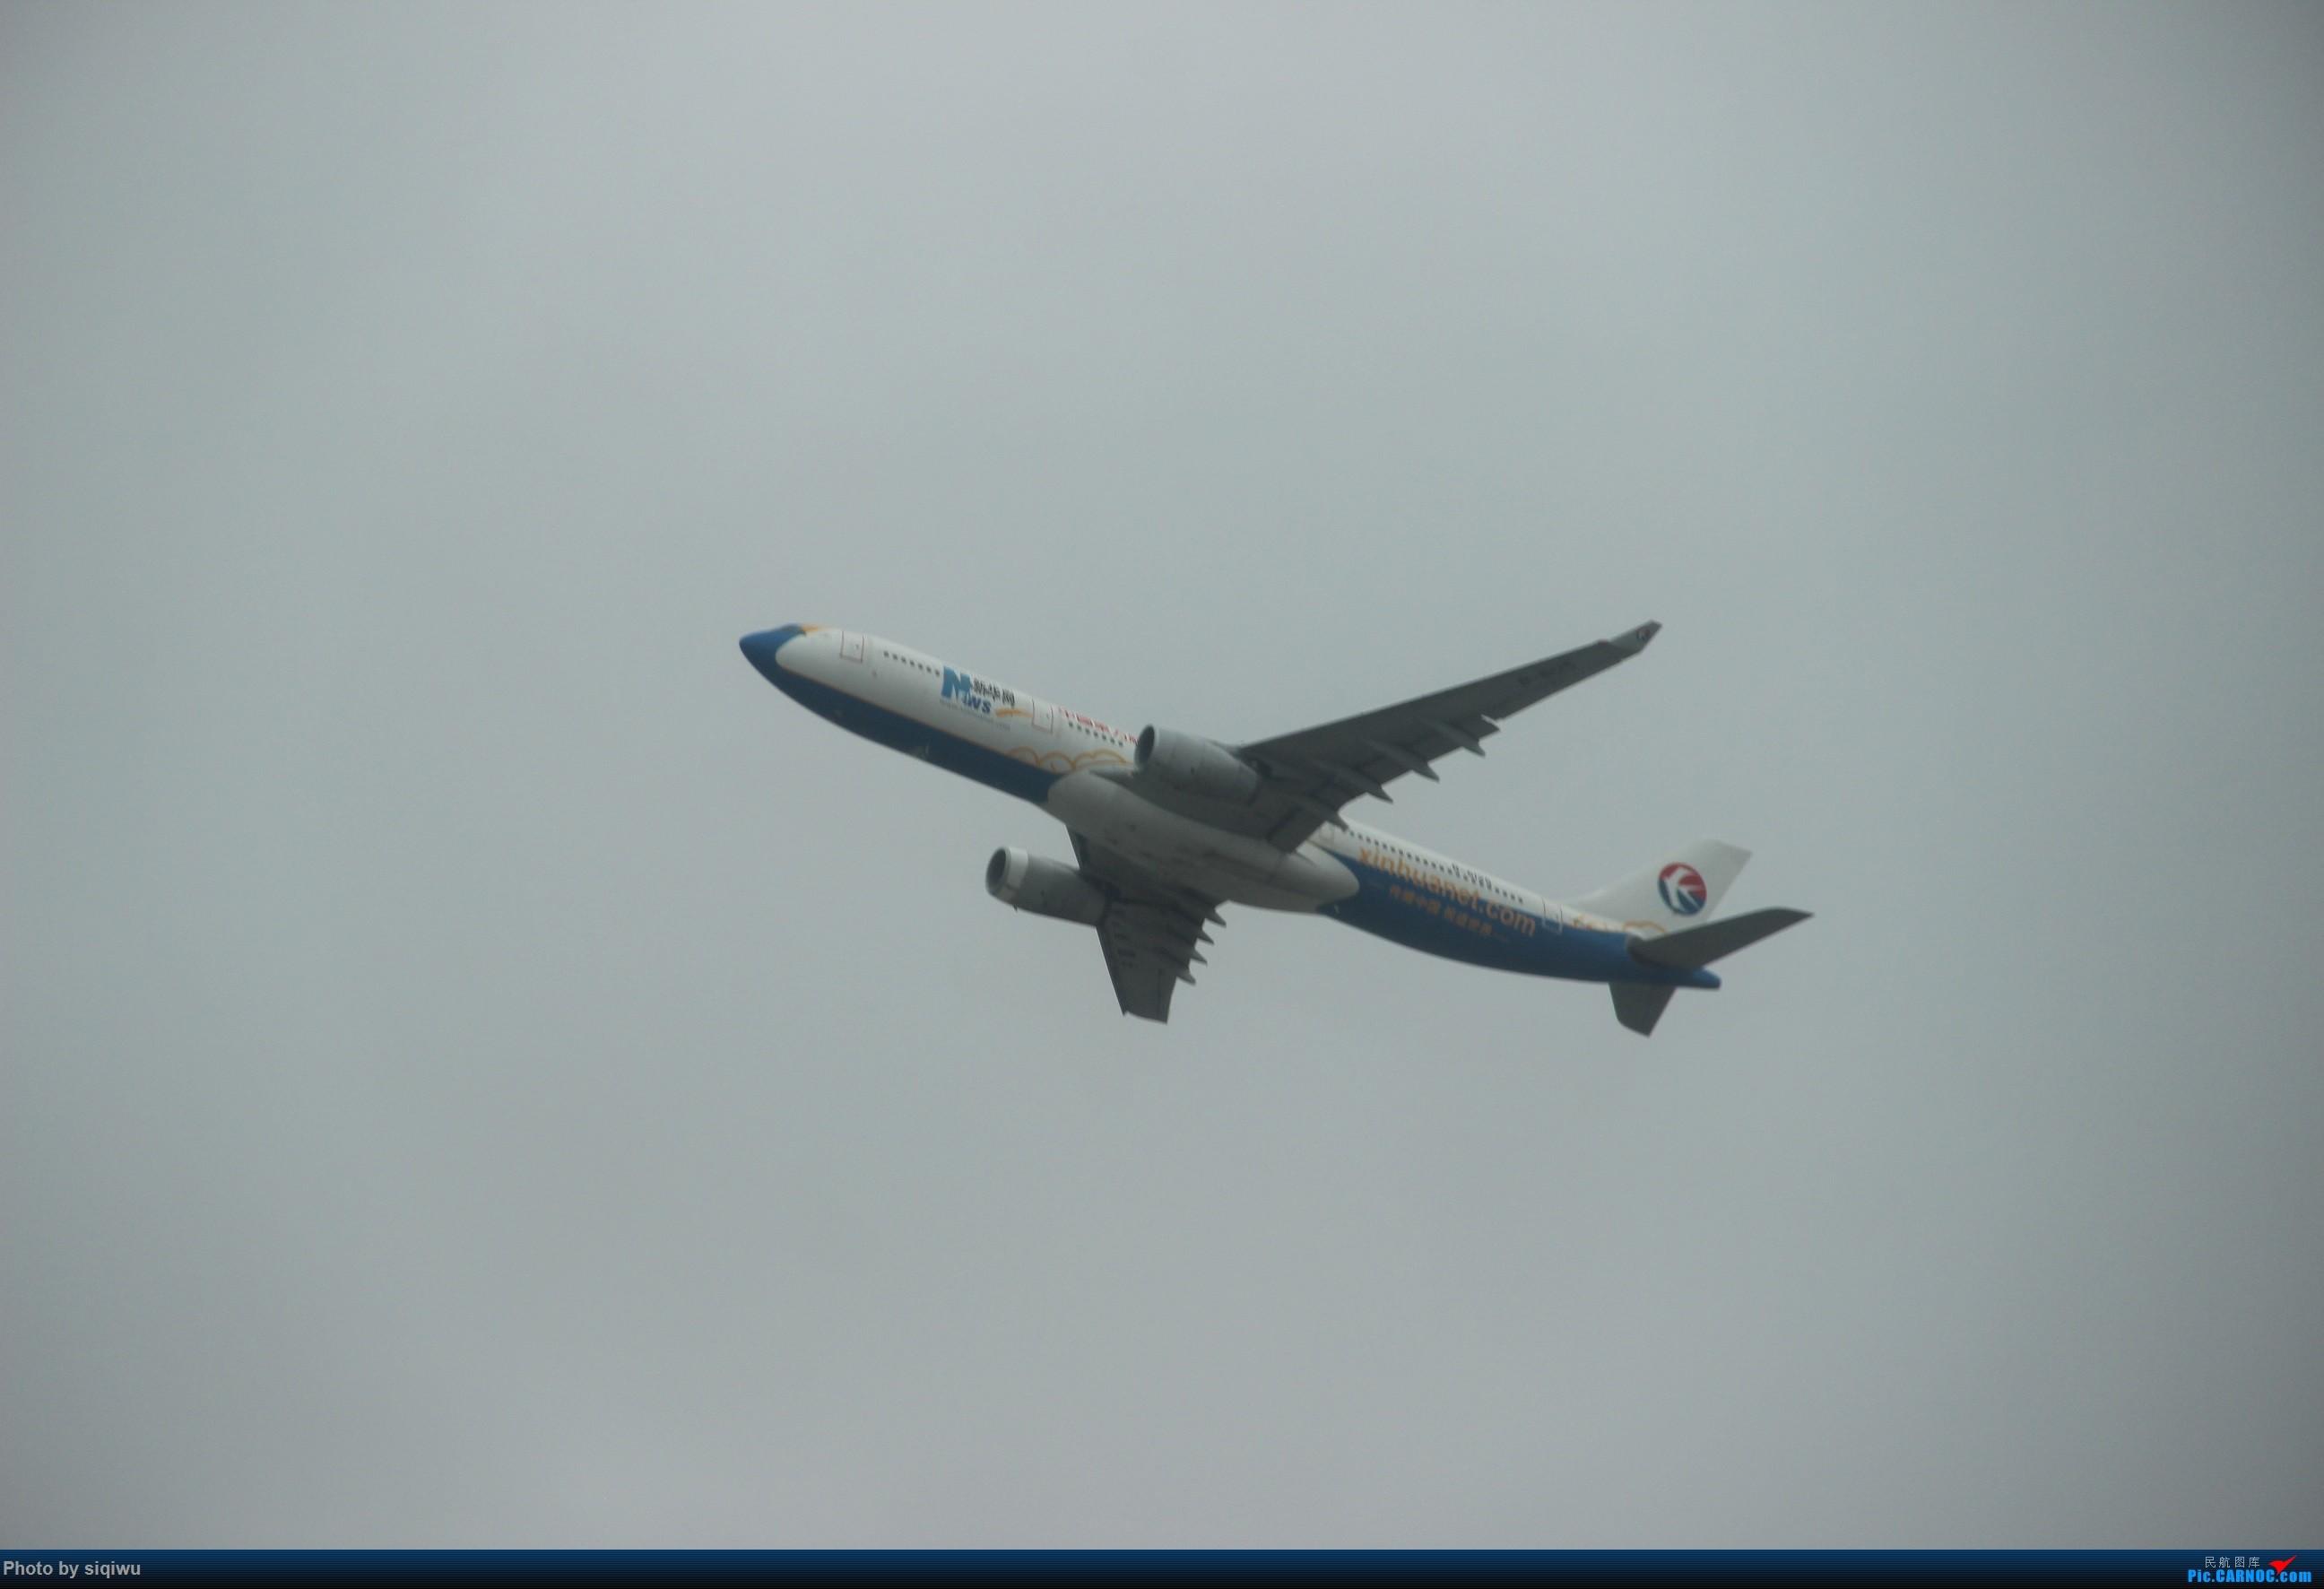 Re:[原创]PVG-HKG-KUL-HKG-PVG 四天往返,CX/KA AIRBUS A330-300  中国上海浦东国际机场